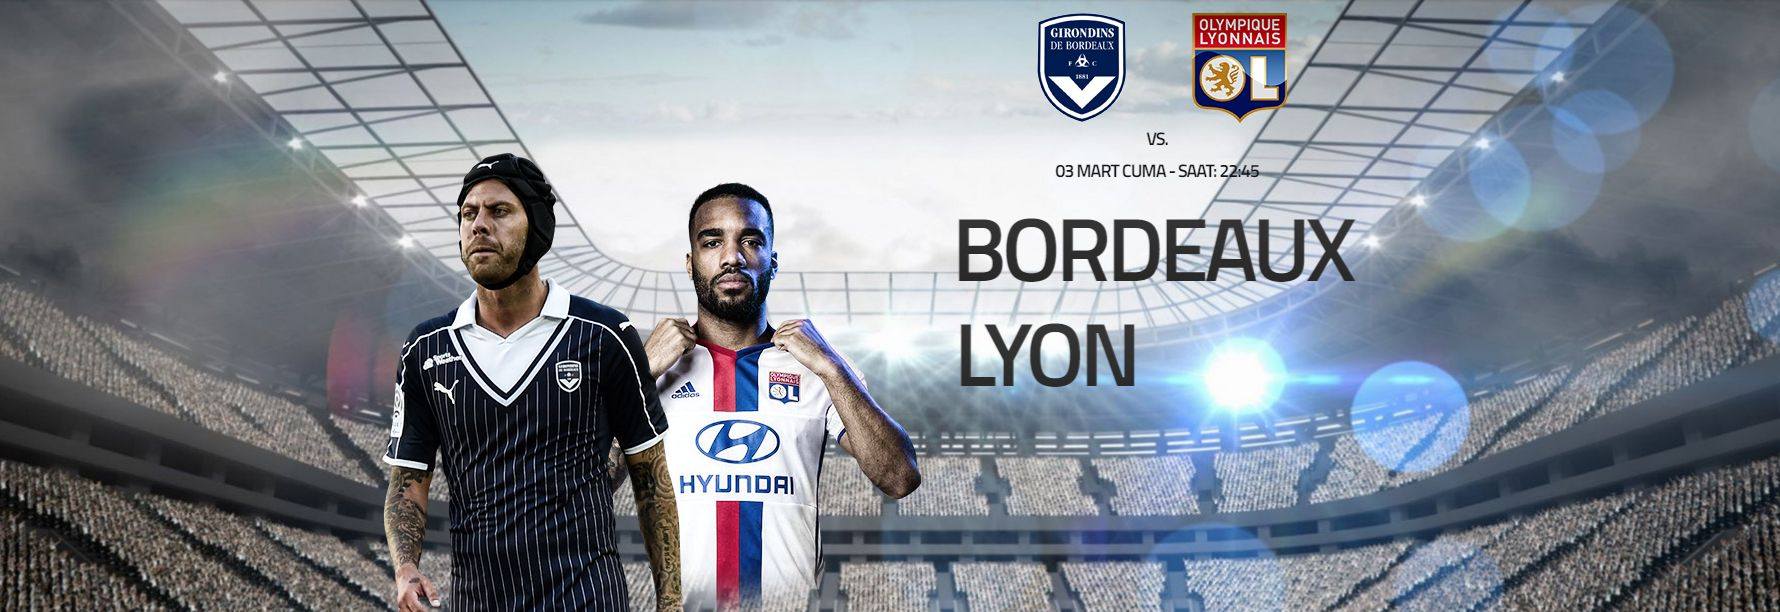 Bordeaux Lyon Fransa Ligue1'de liderin çok uzağında